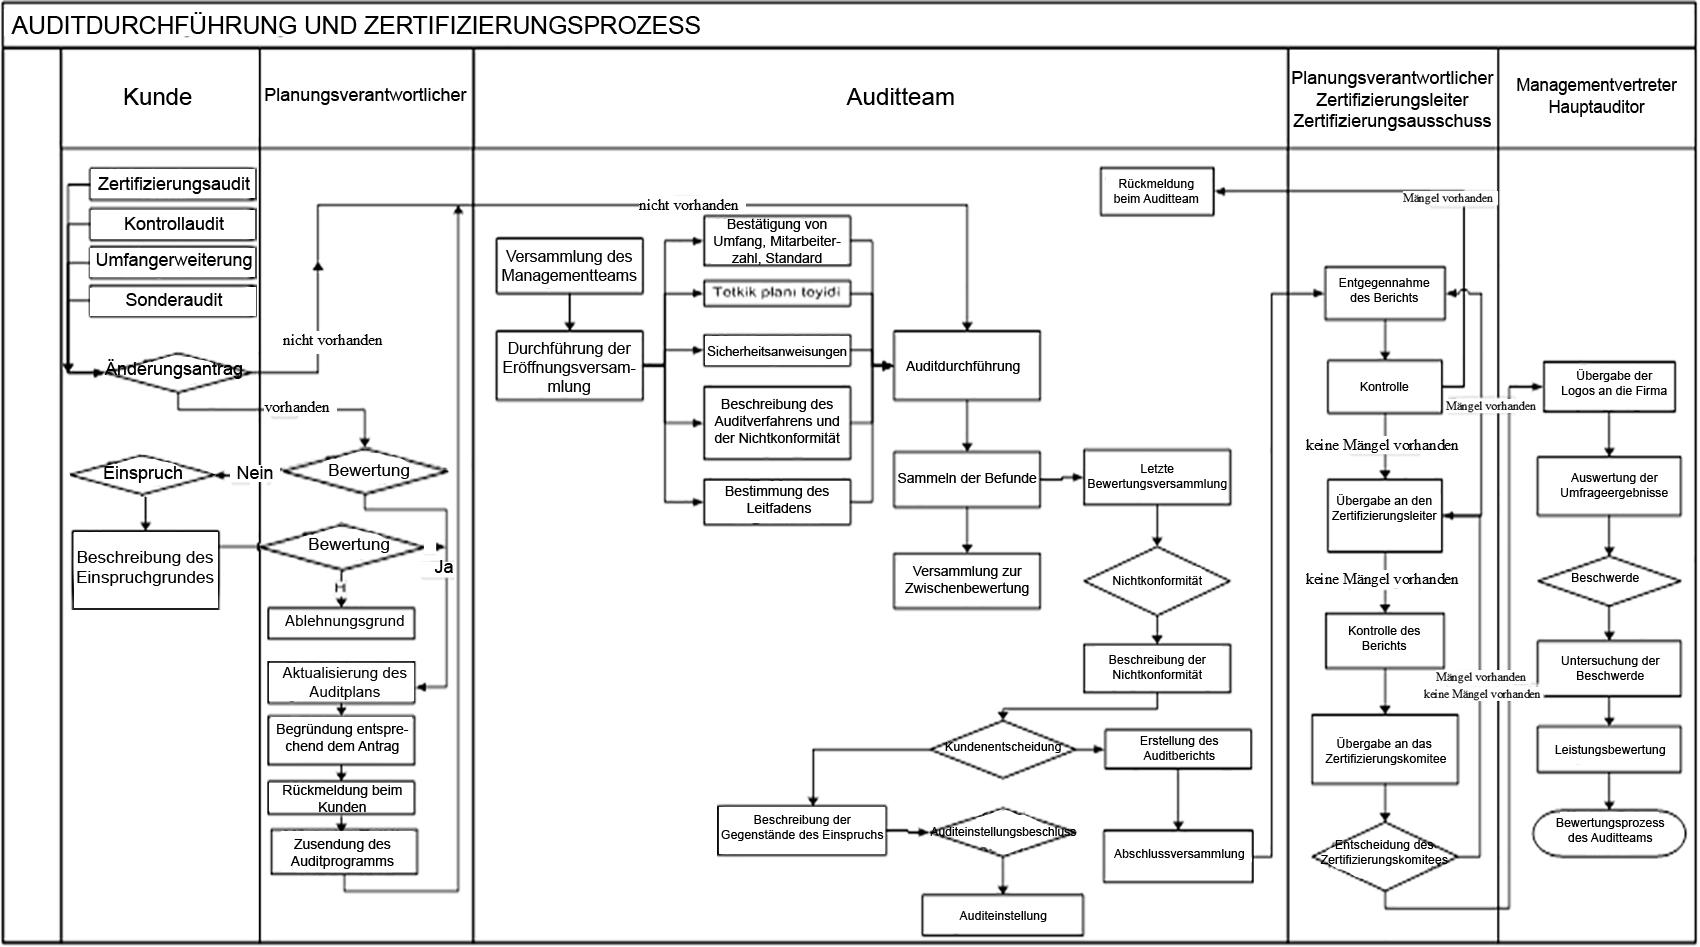 Auditdurchführung Und Zertifizierungs Prozess